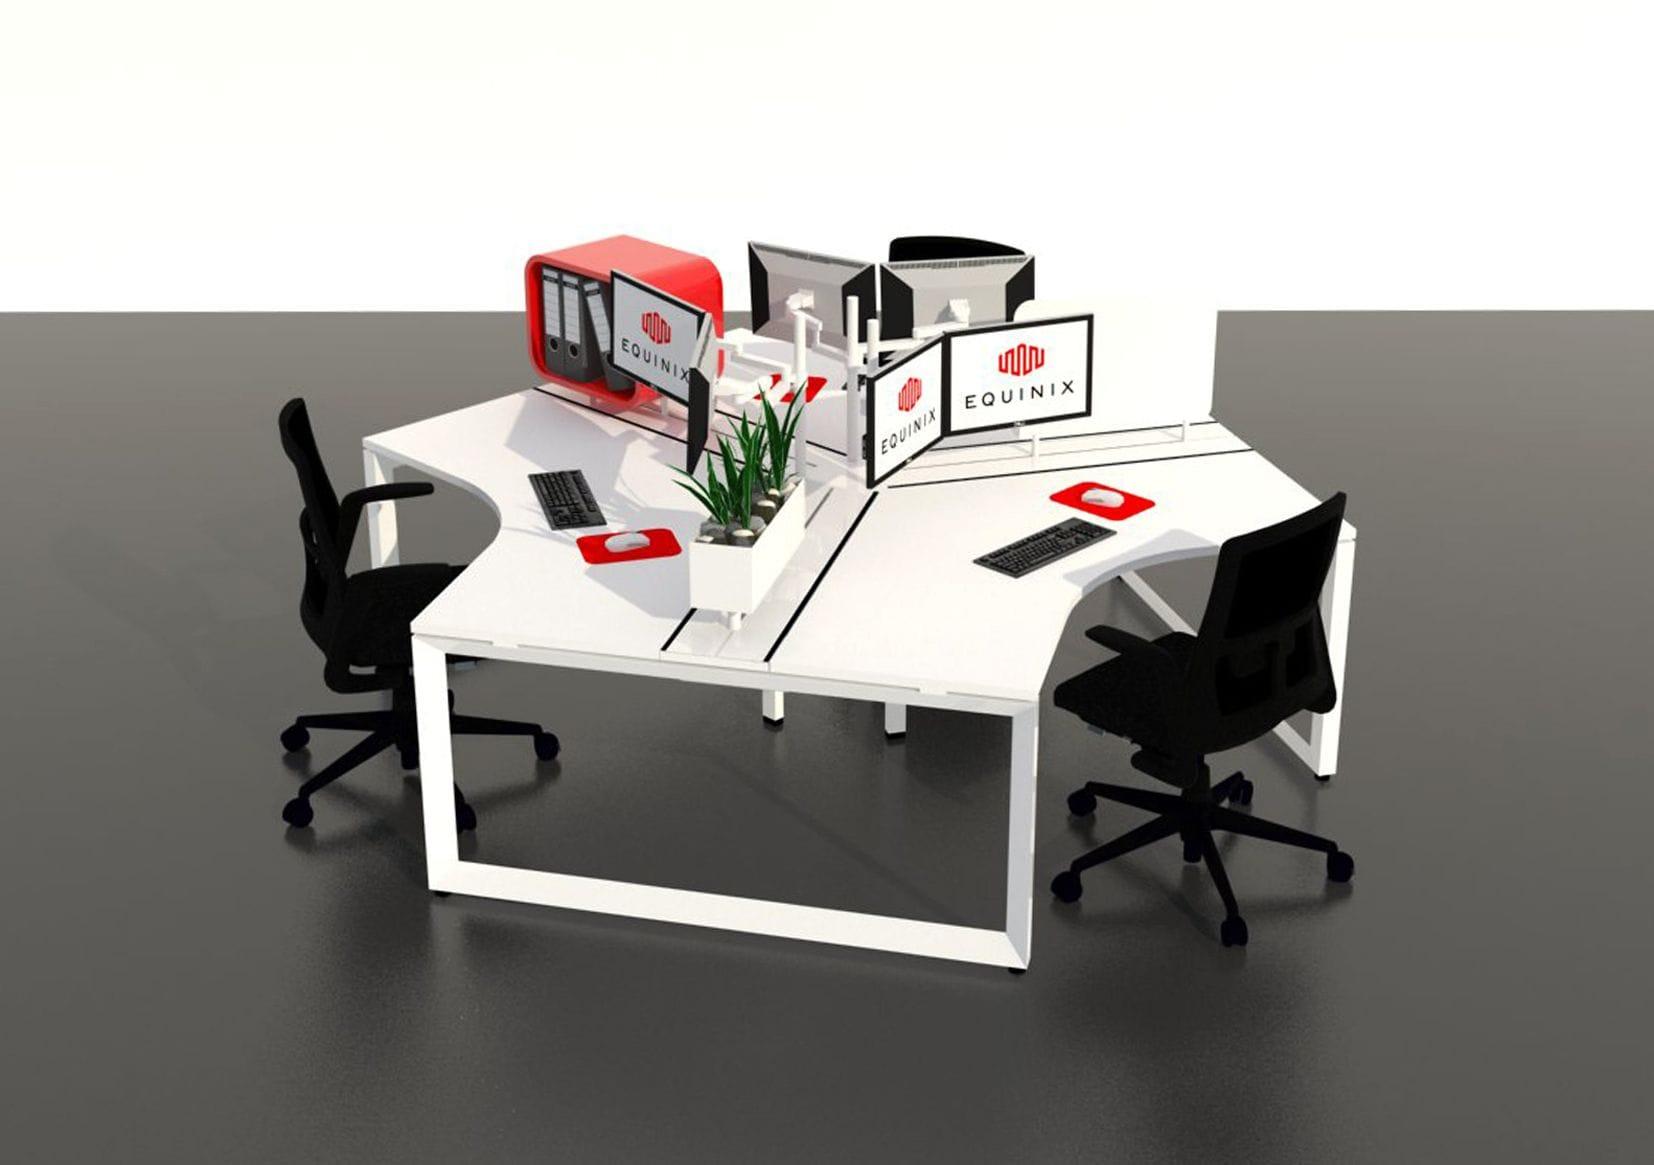 IK Workstation System